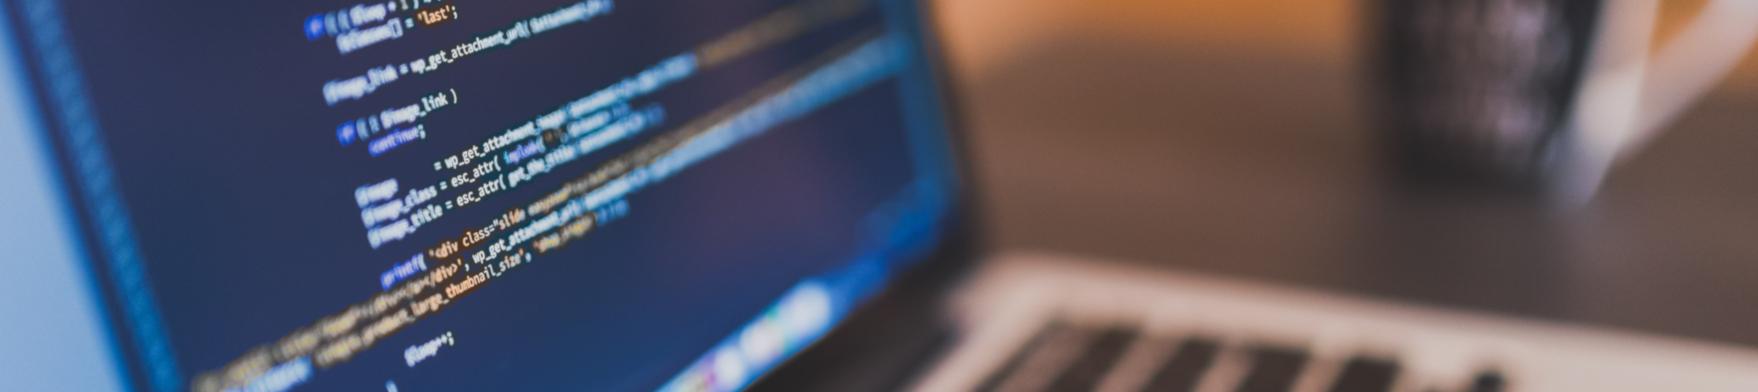 Laptop displaying code.